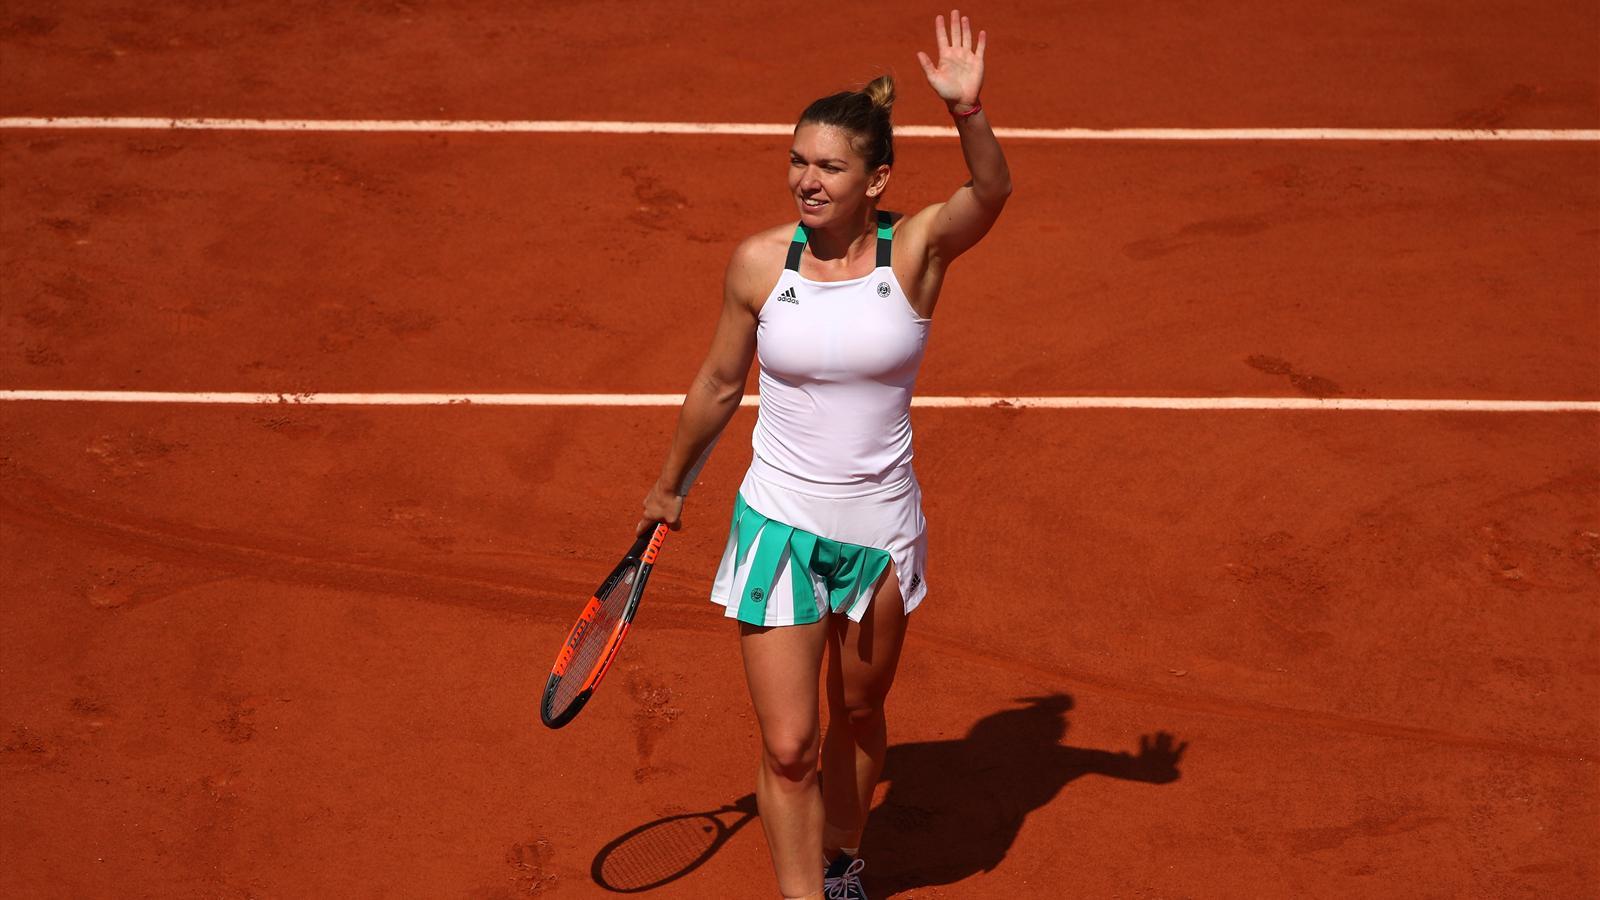 Tennis Wm Frauen